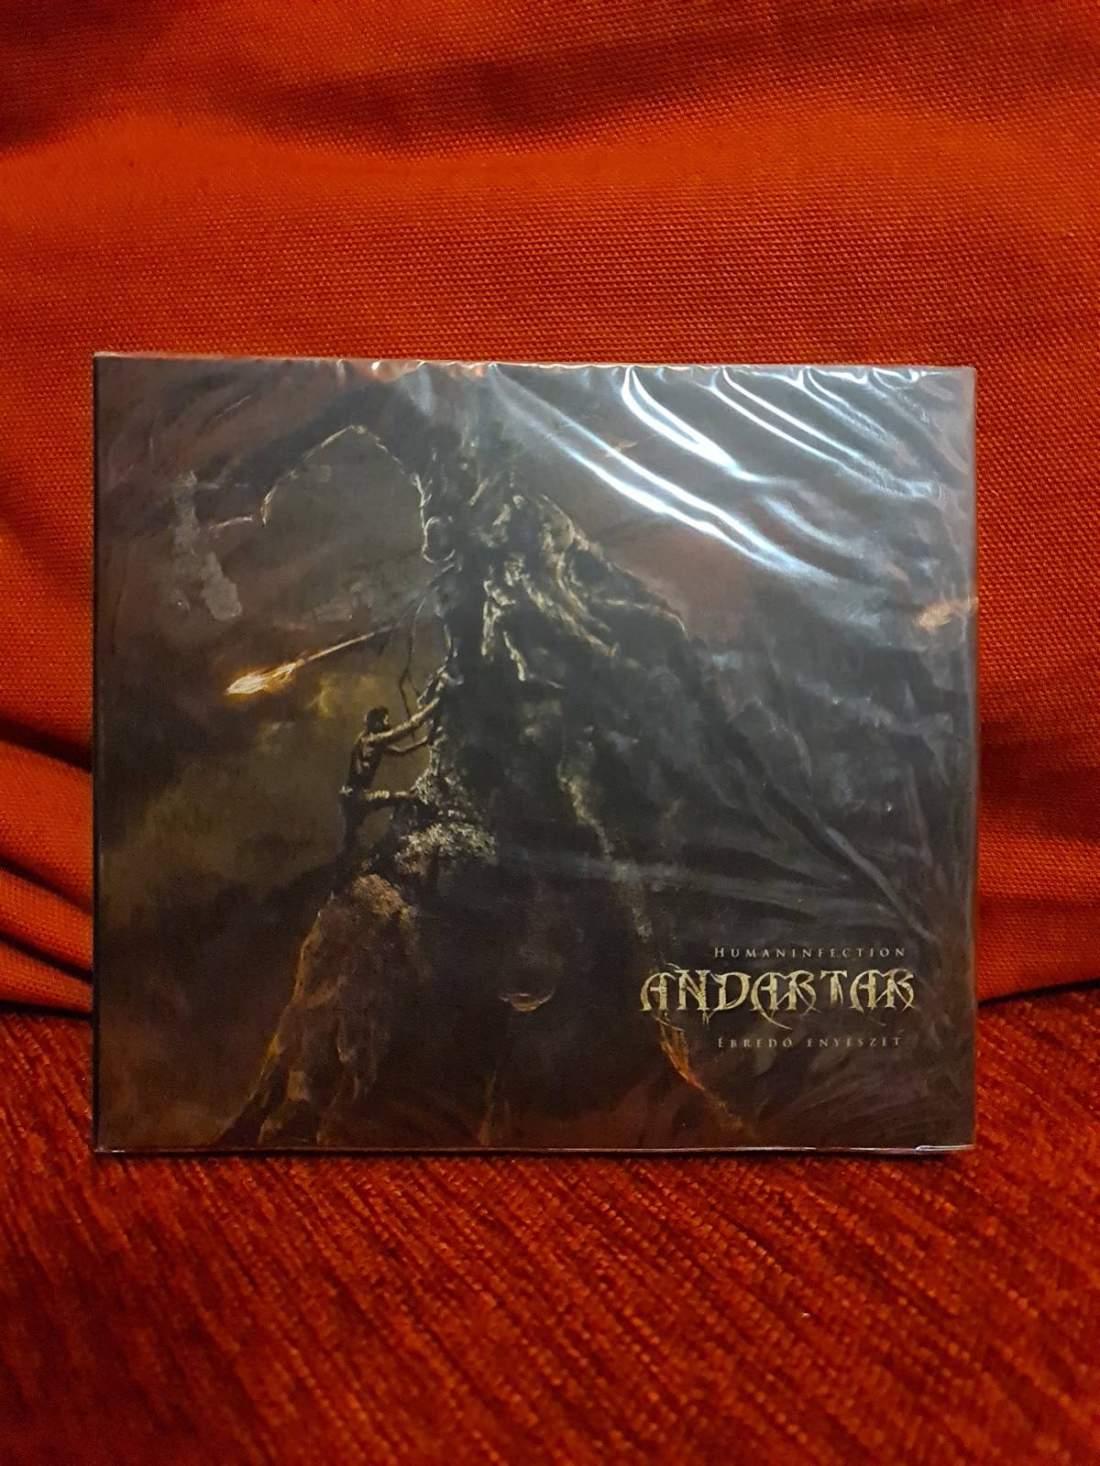 ANDARTAR - ÉBREDŐ ENYÉSZET / HUMANINFECTION 2CD